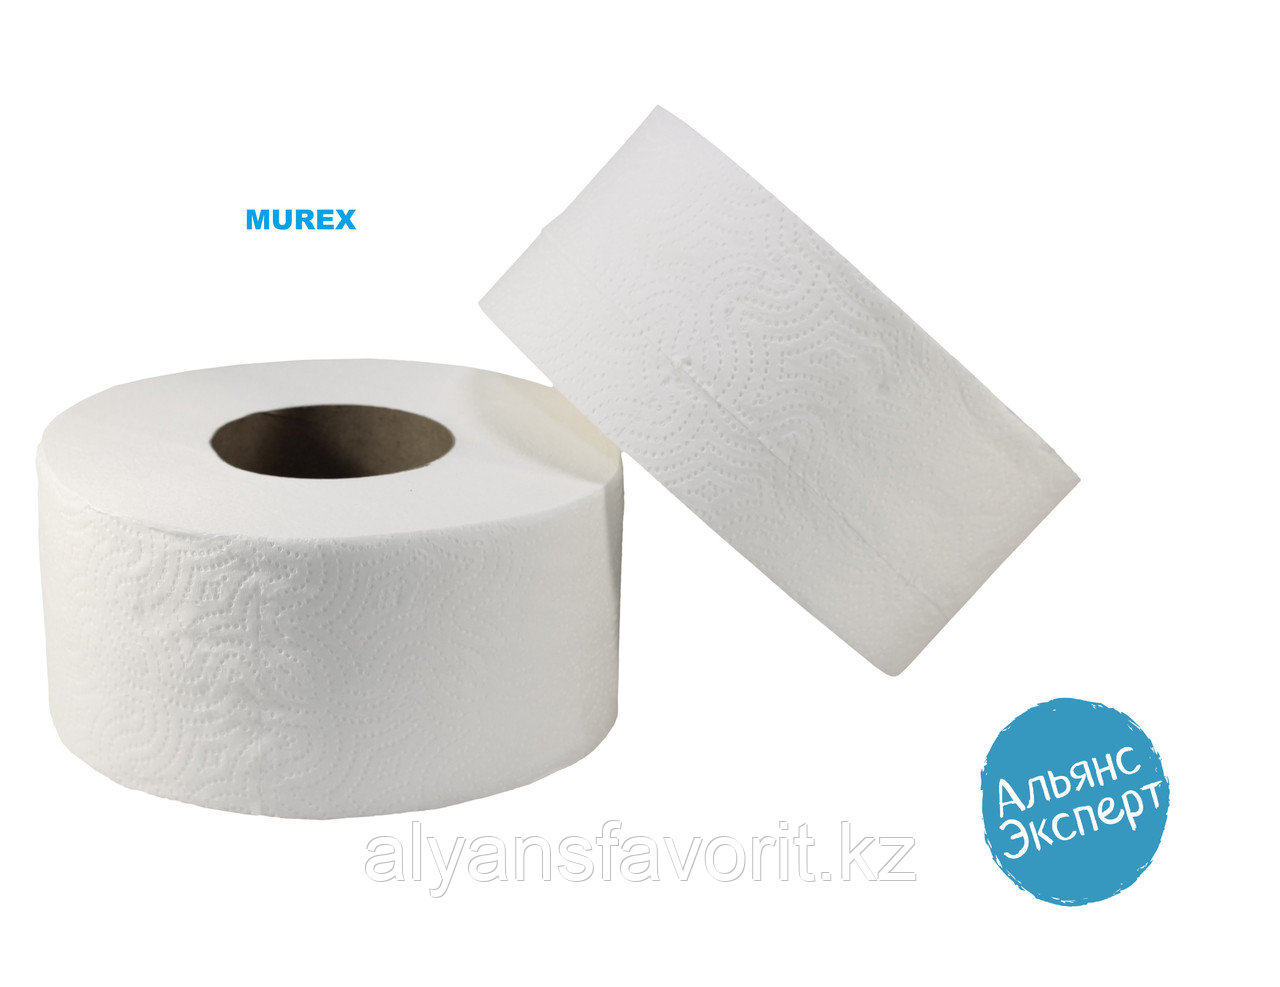 Туалетная бумага Jambo 120 м, 12 рул. в упаковке. MUREX